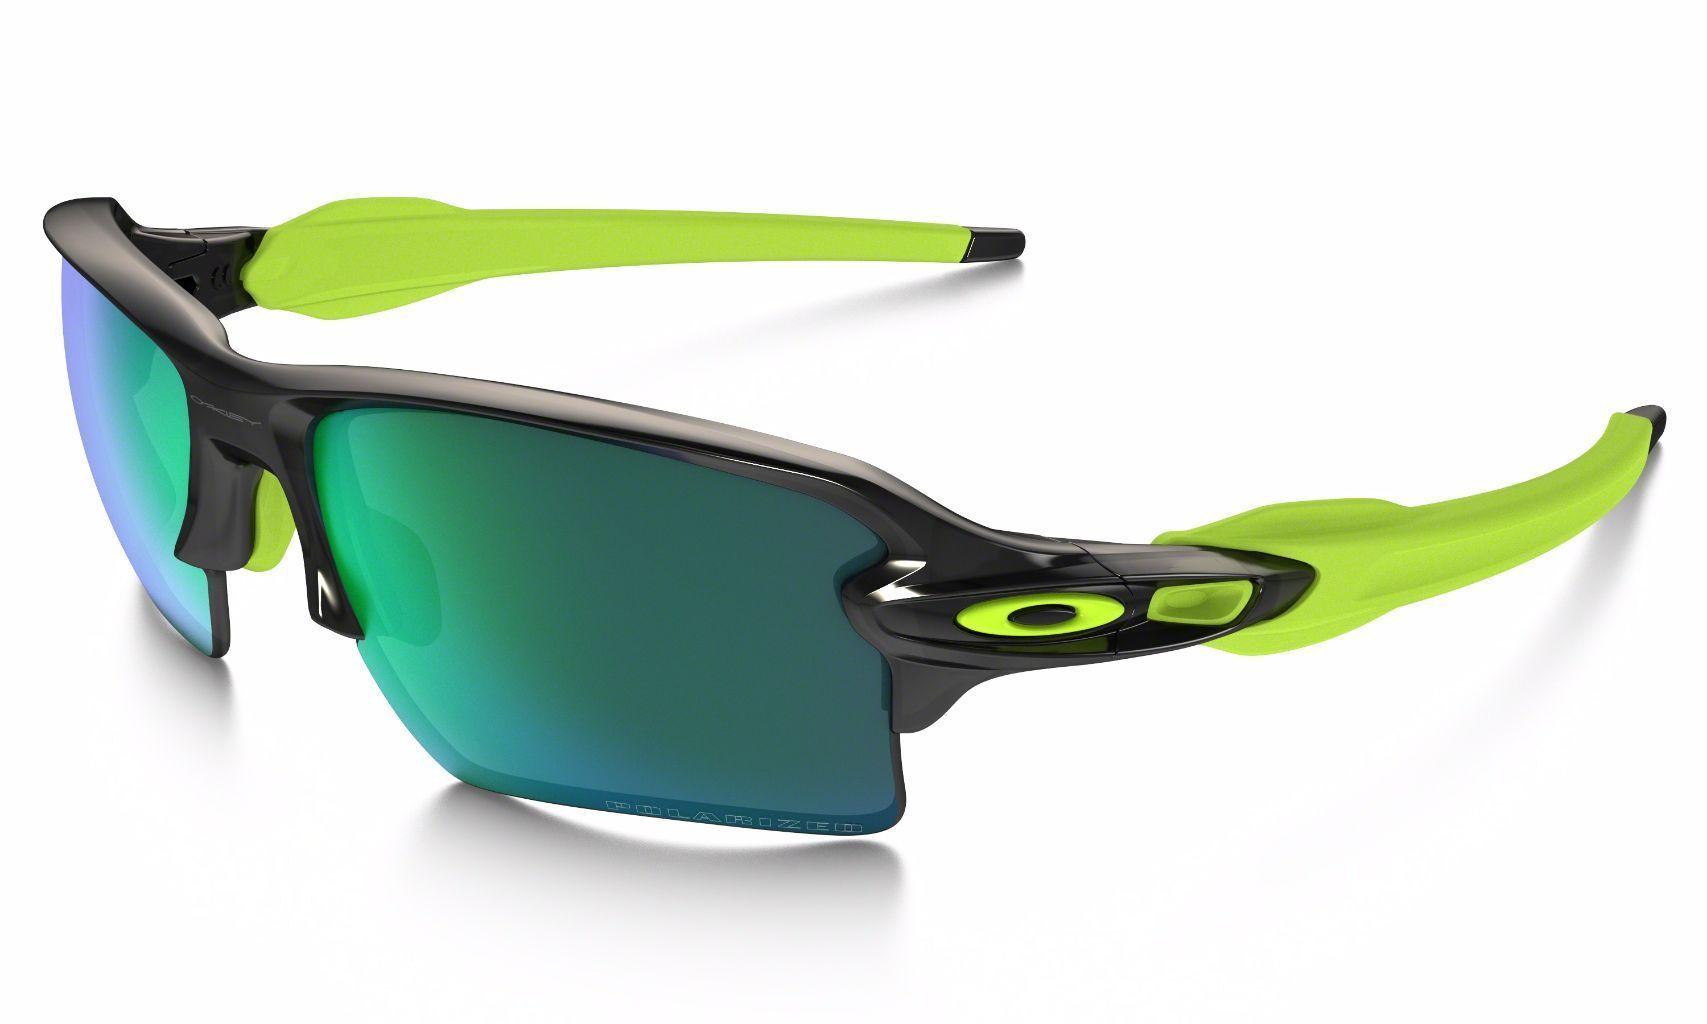 Oakley Flak 2.0 XL Sunglasses Oakley glasses, Oakley